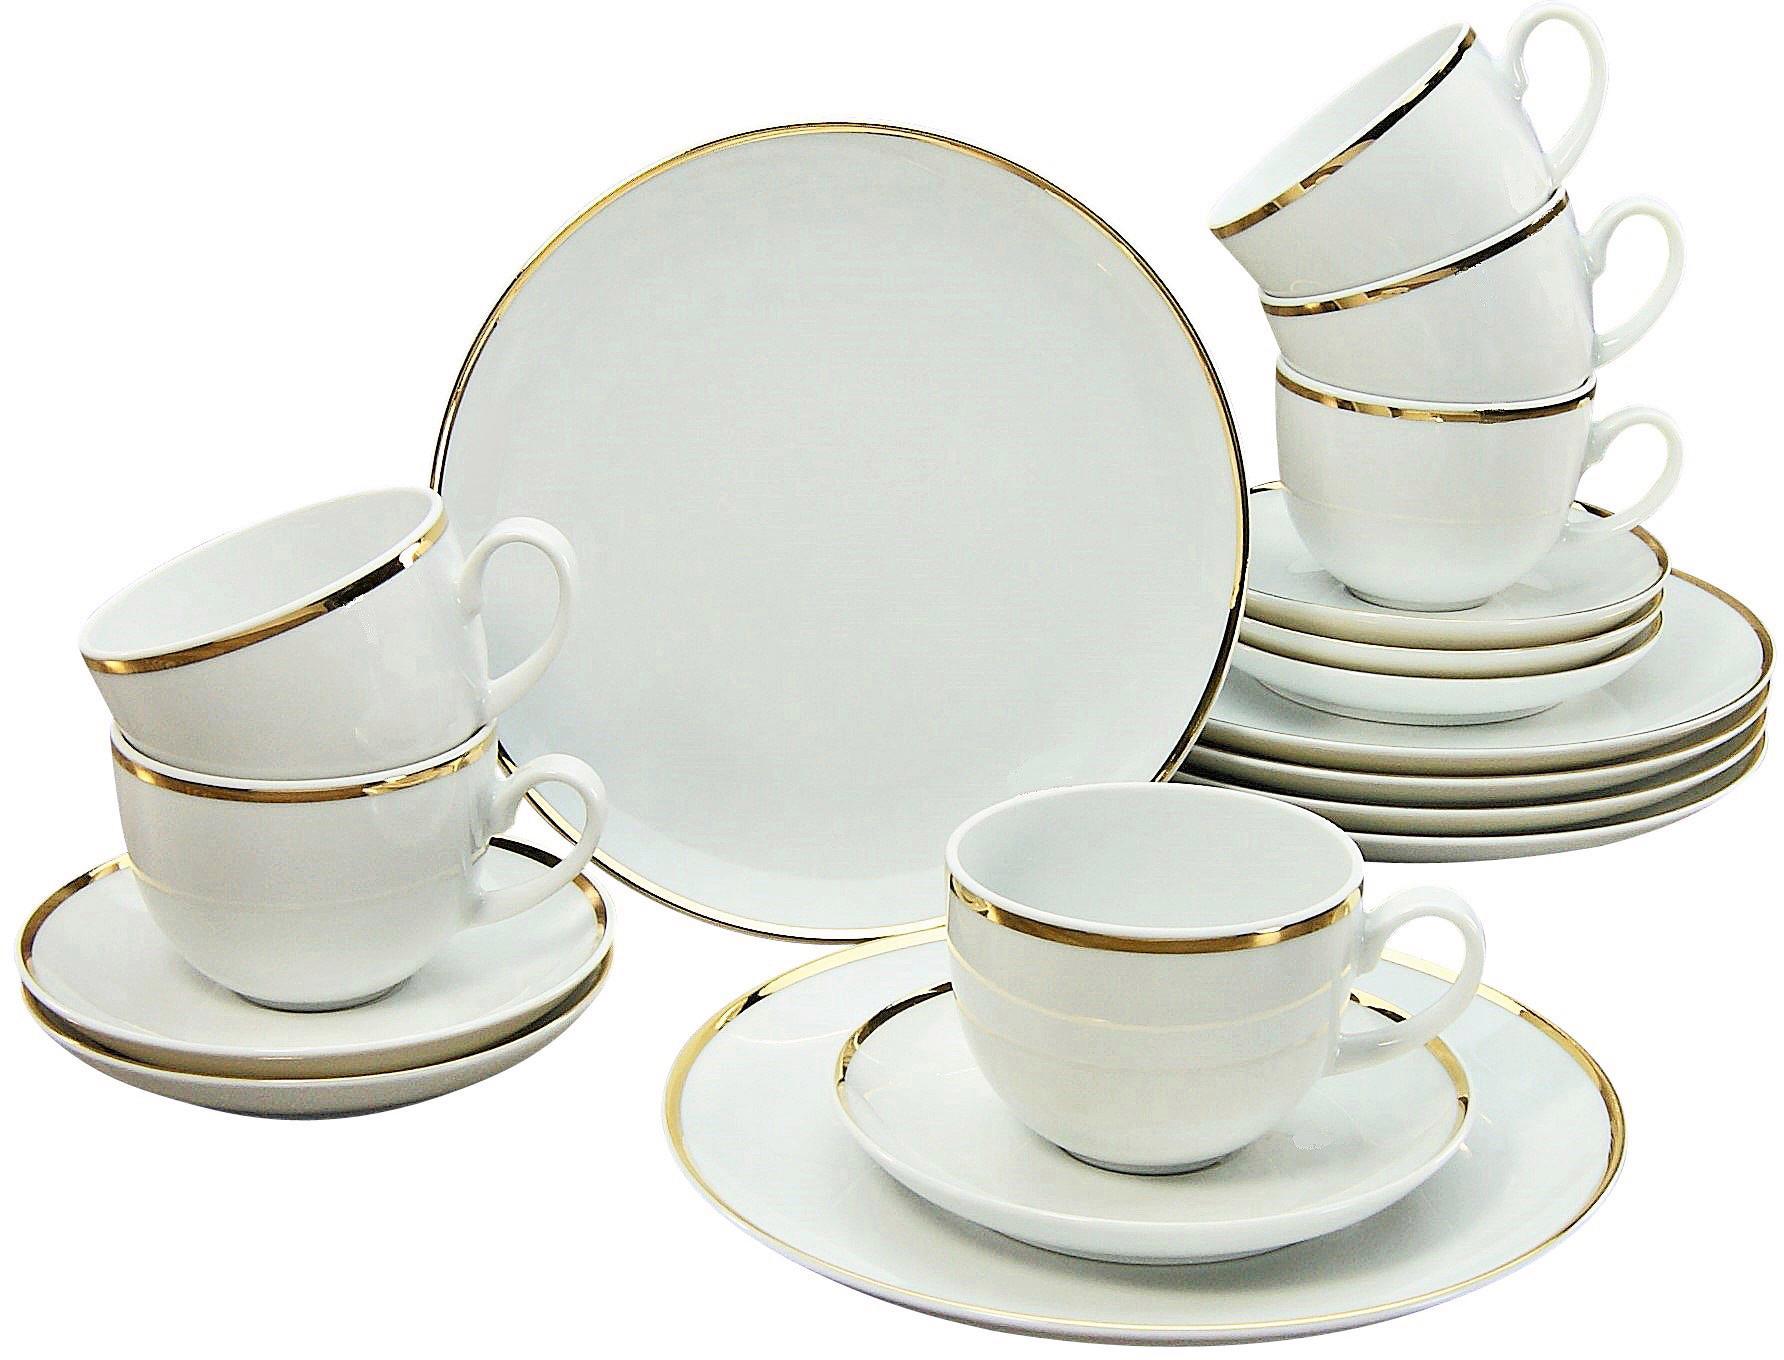 Guido Maria Kretschmer Home&Living Kaffeeservice Golden Line, (Set, 18 tlg.), handbemalter Goldrand weiß Geschirr-Sets Geschirr, Porzellan Tischaccessoires Haushaltswaren